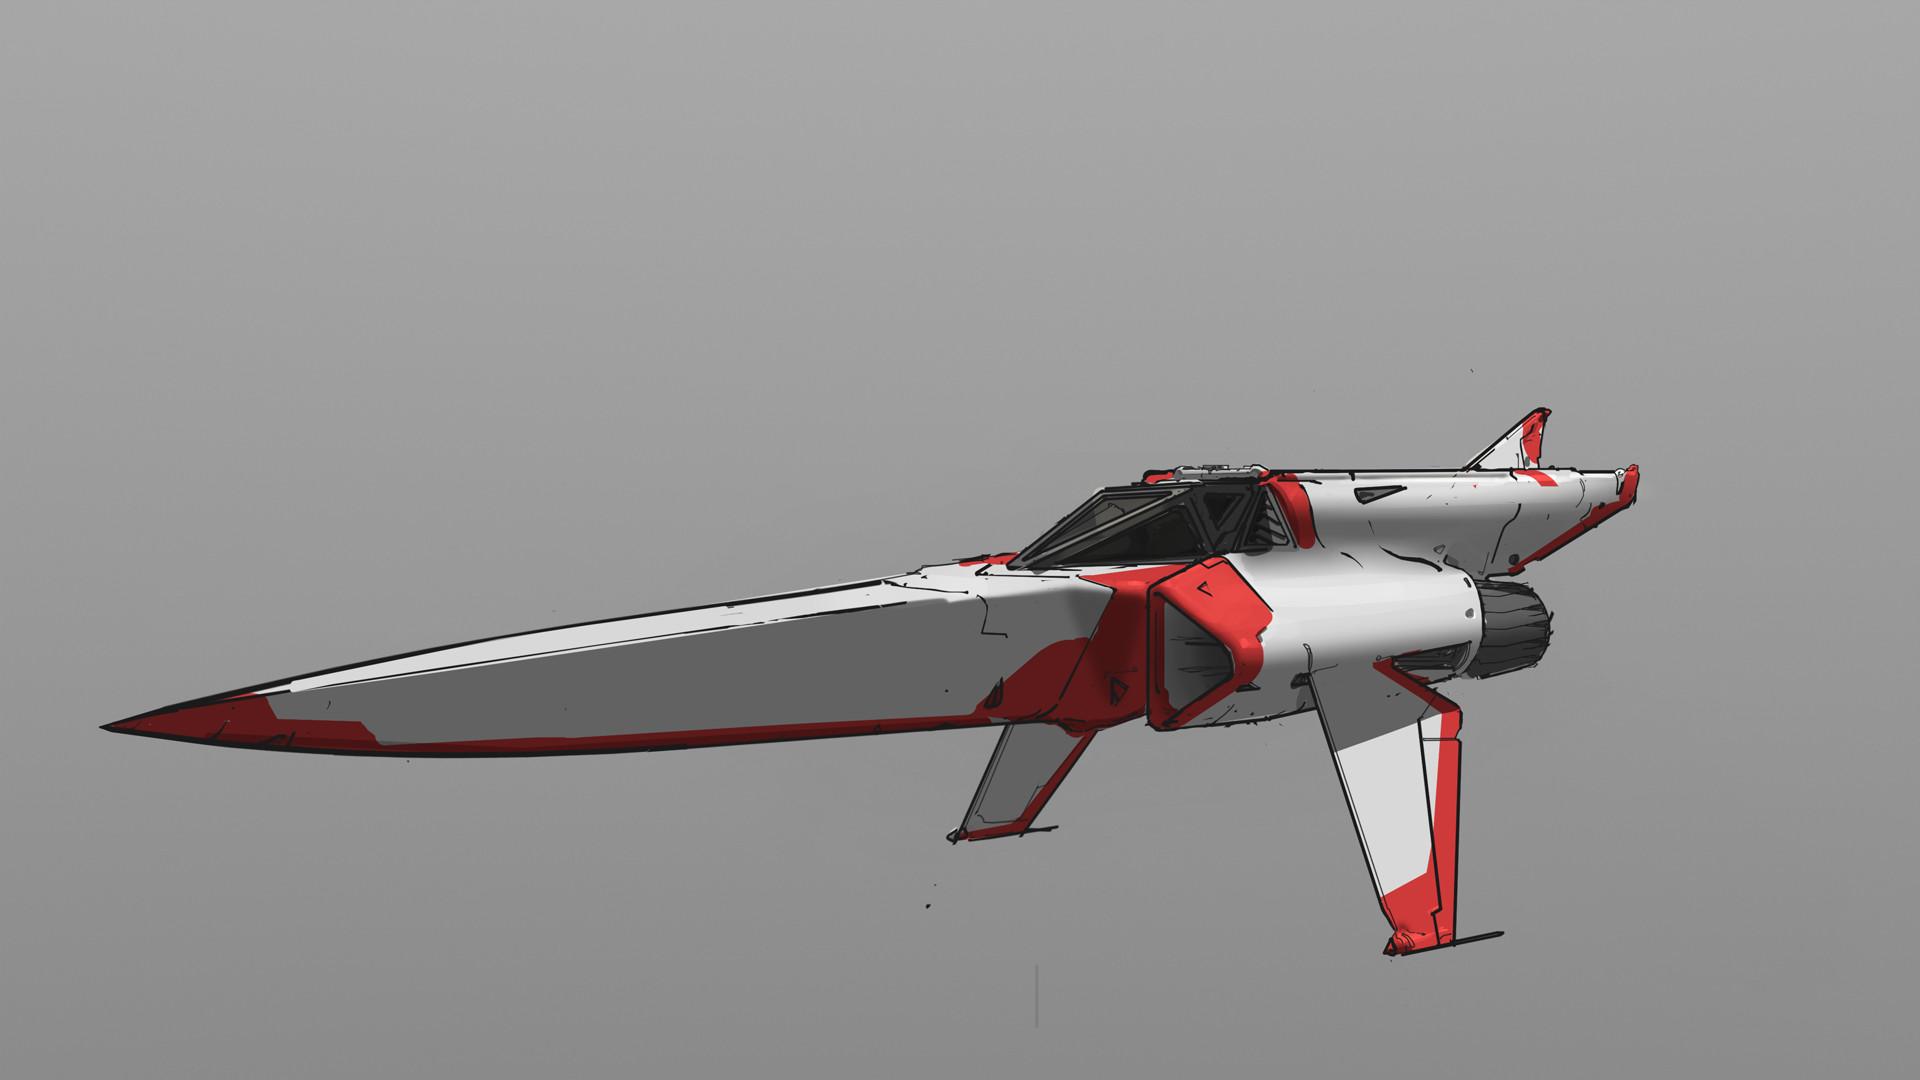 German casado fraga asl spaceship 012 v004 c